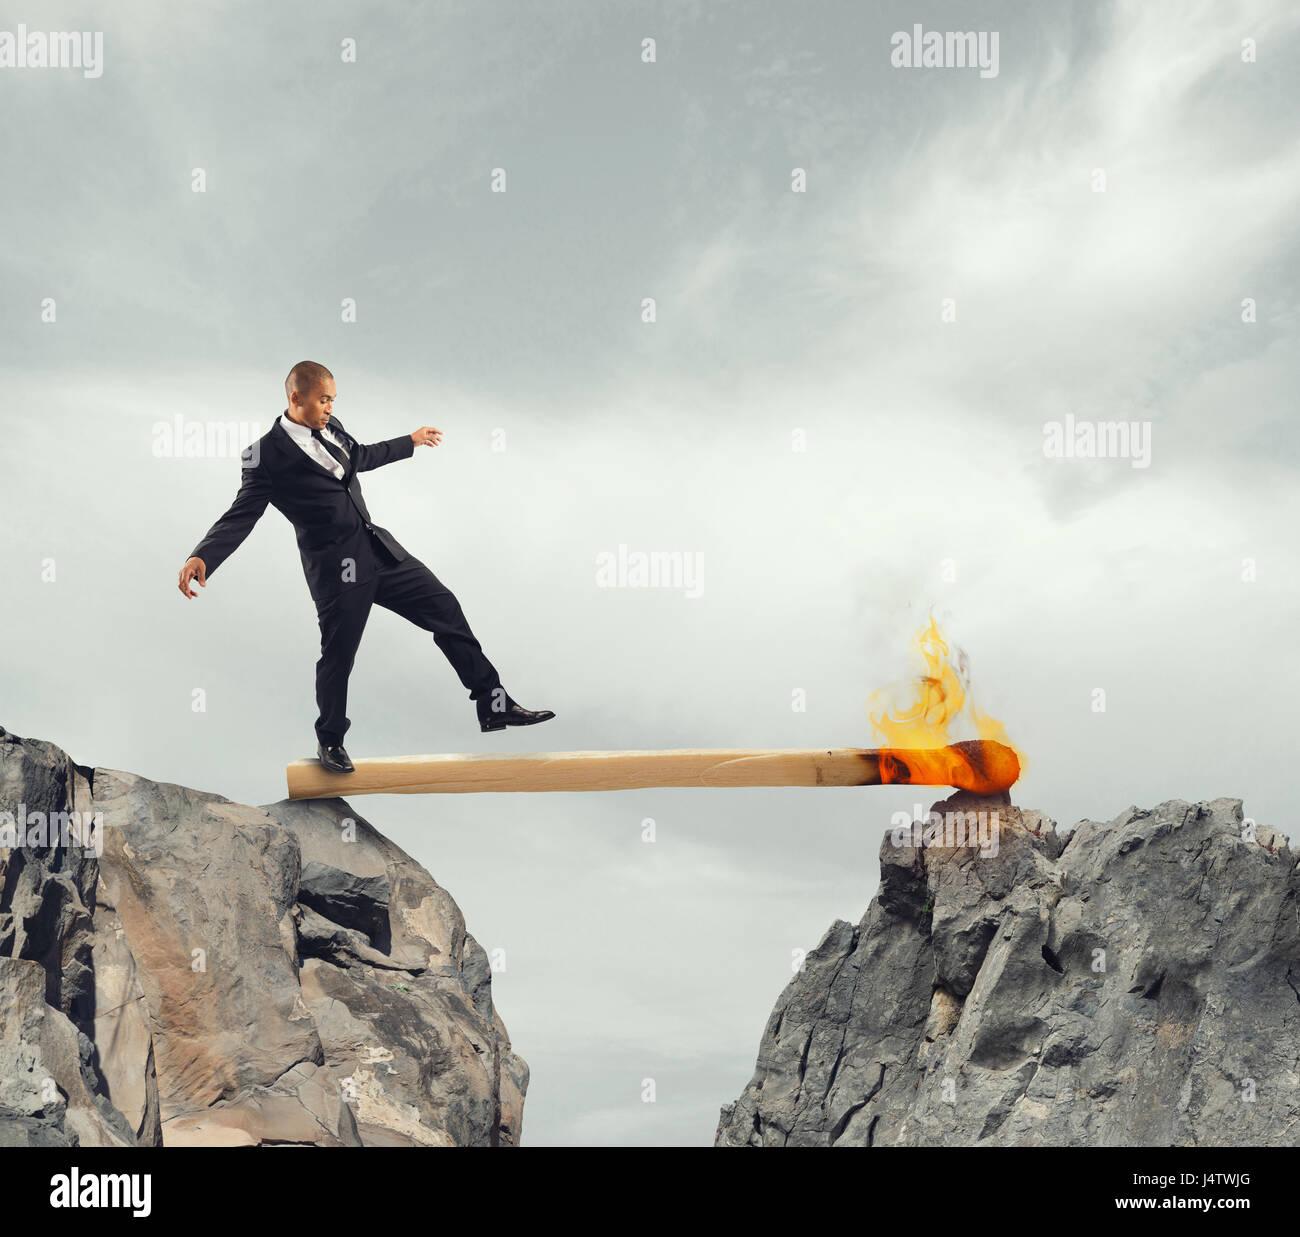 La inestabilidad y el miedo de los obstáculos a vencer Imagen De Stock